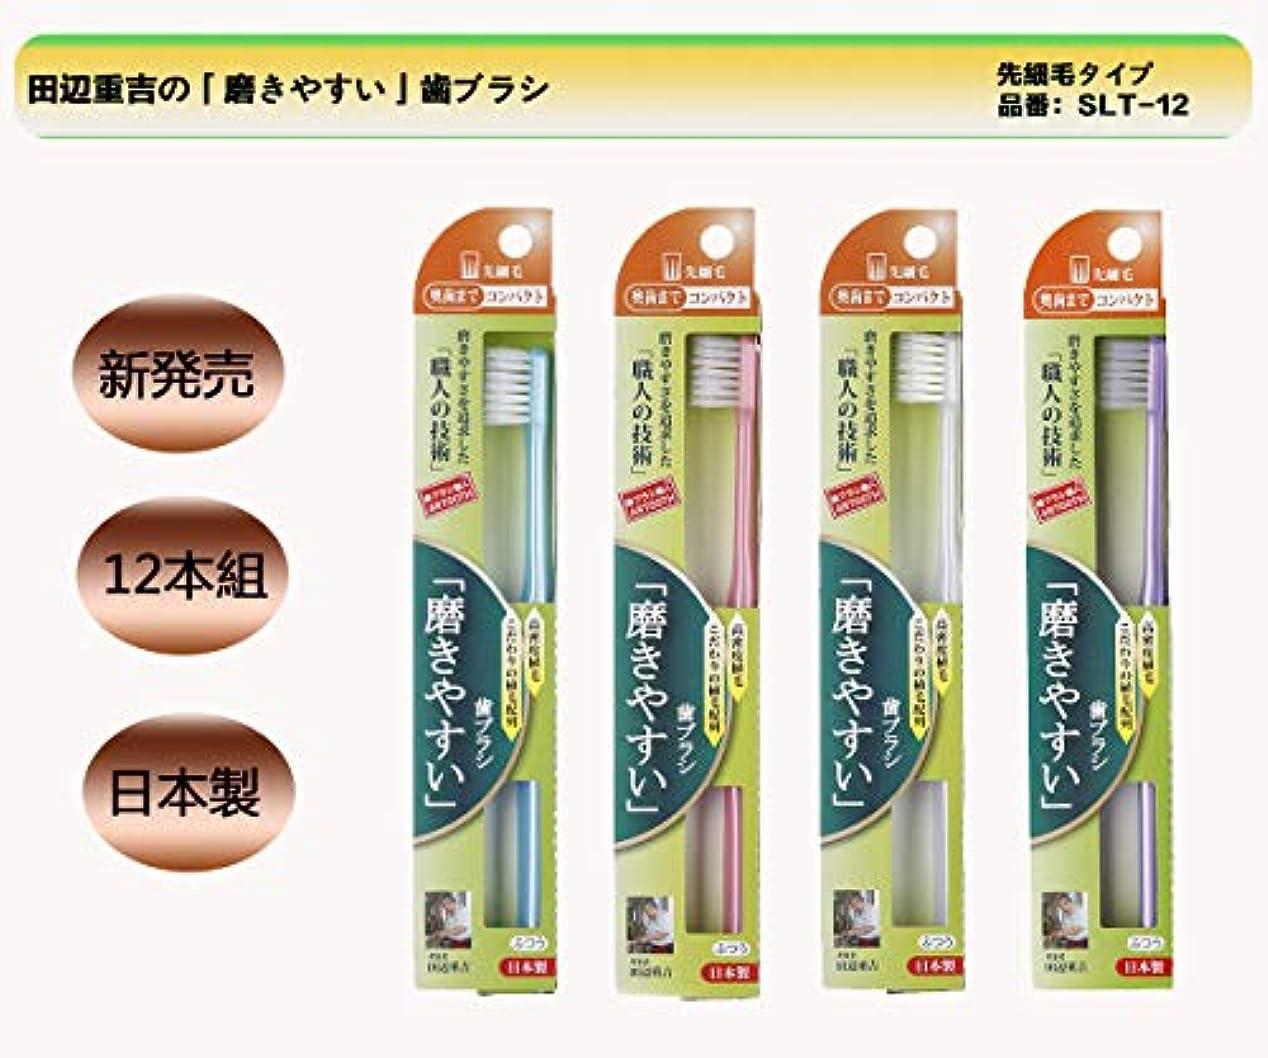 旅熱狂的な細菌歯ブラシ職人 Artooth® 田辺重吉  日本製 磨きやすい歯ブラシ 奥歯まで先細毛SLT-12 (12本入)